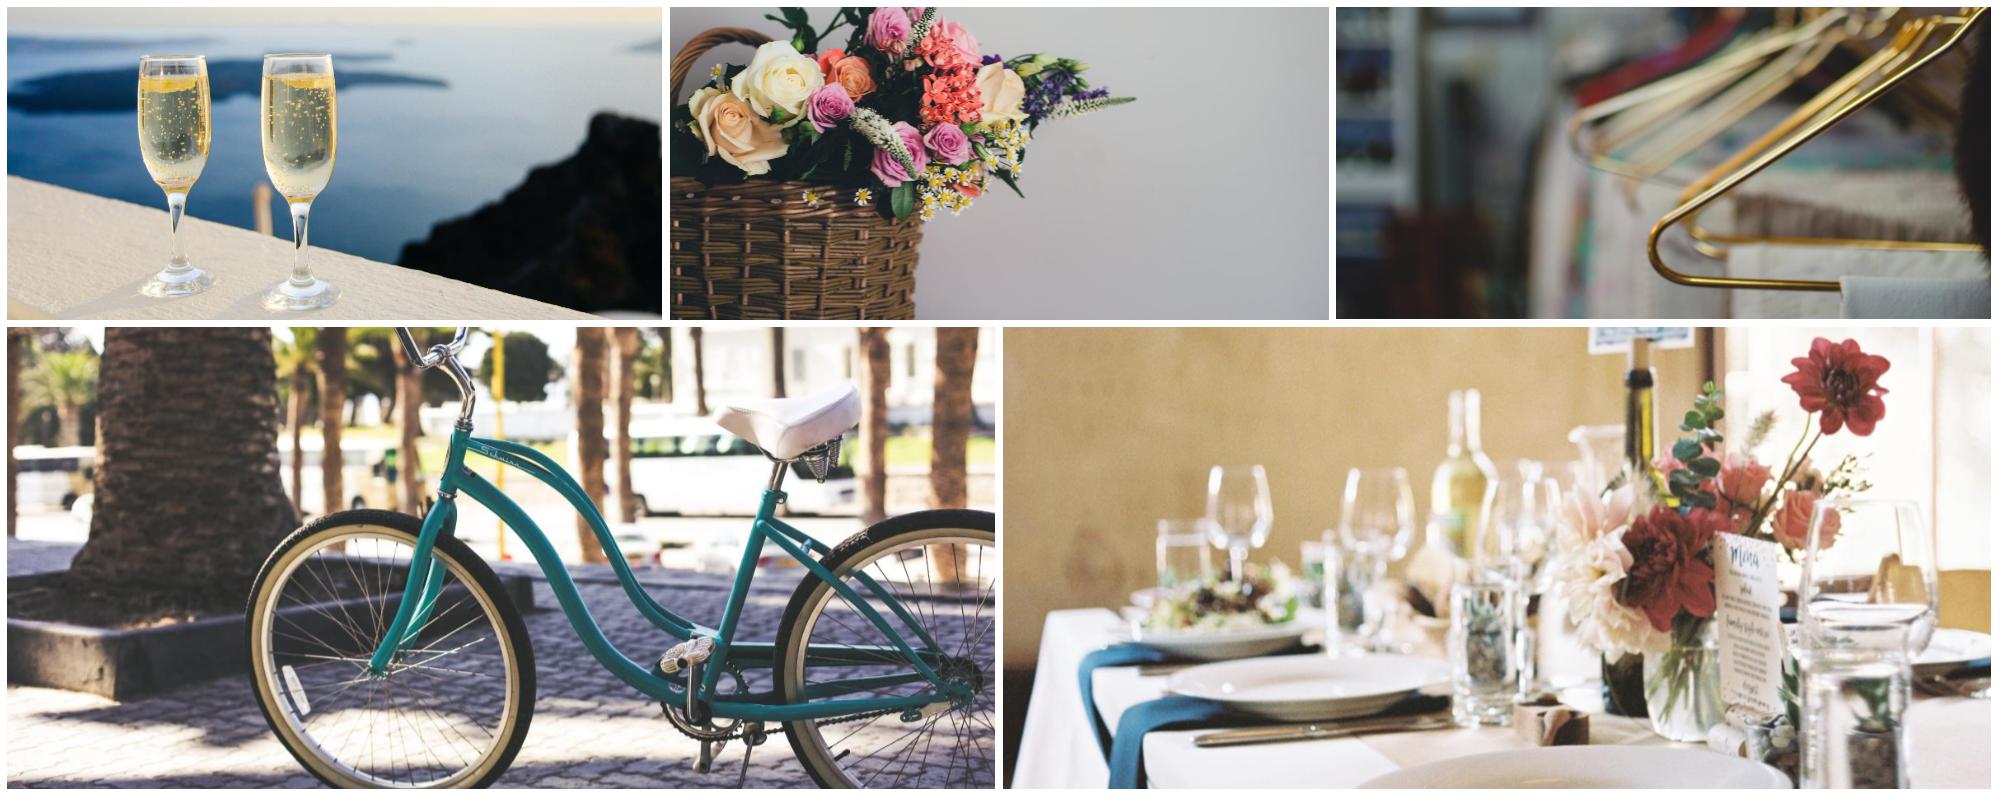 Fotocollage: Sekt, Geschenkkorb, Wäscheservice, Fahrrad, Abendessen